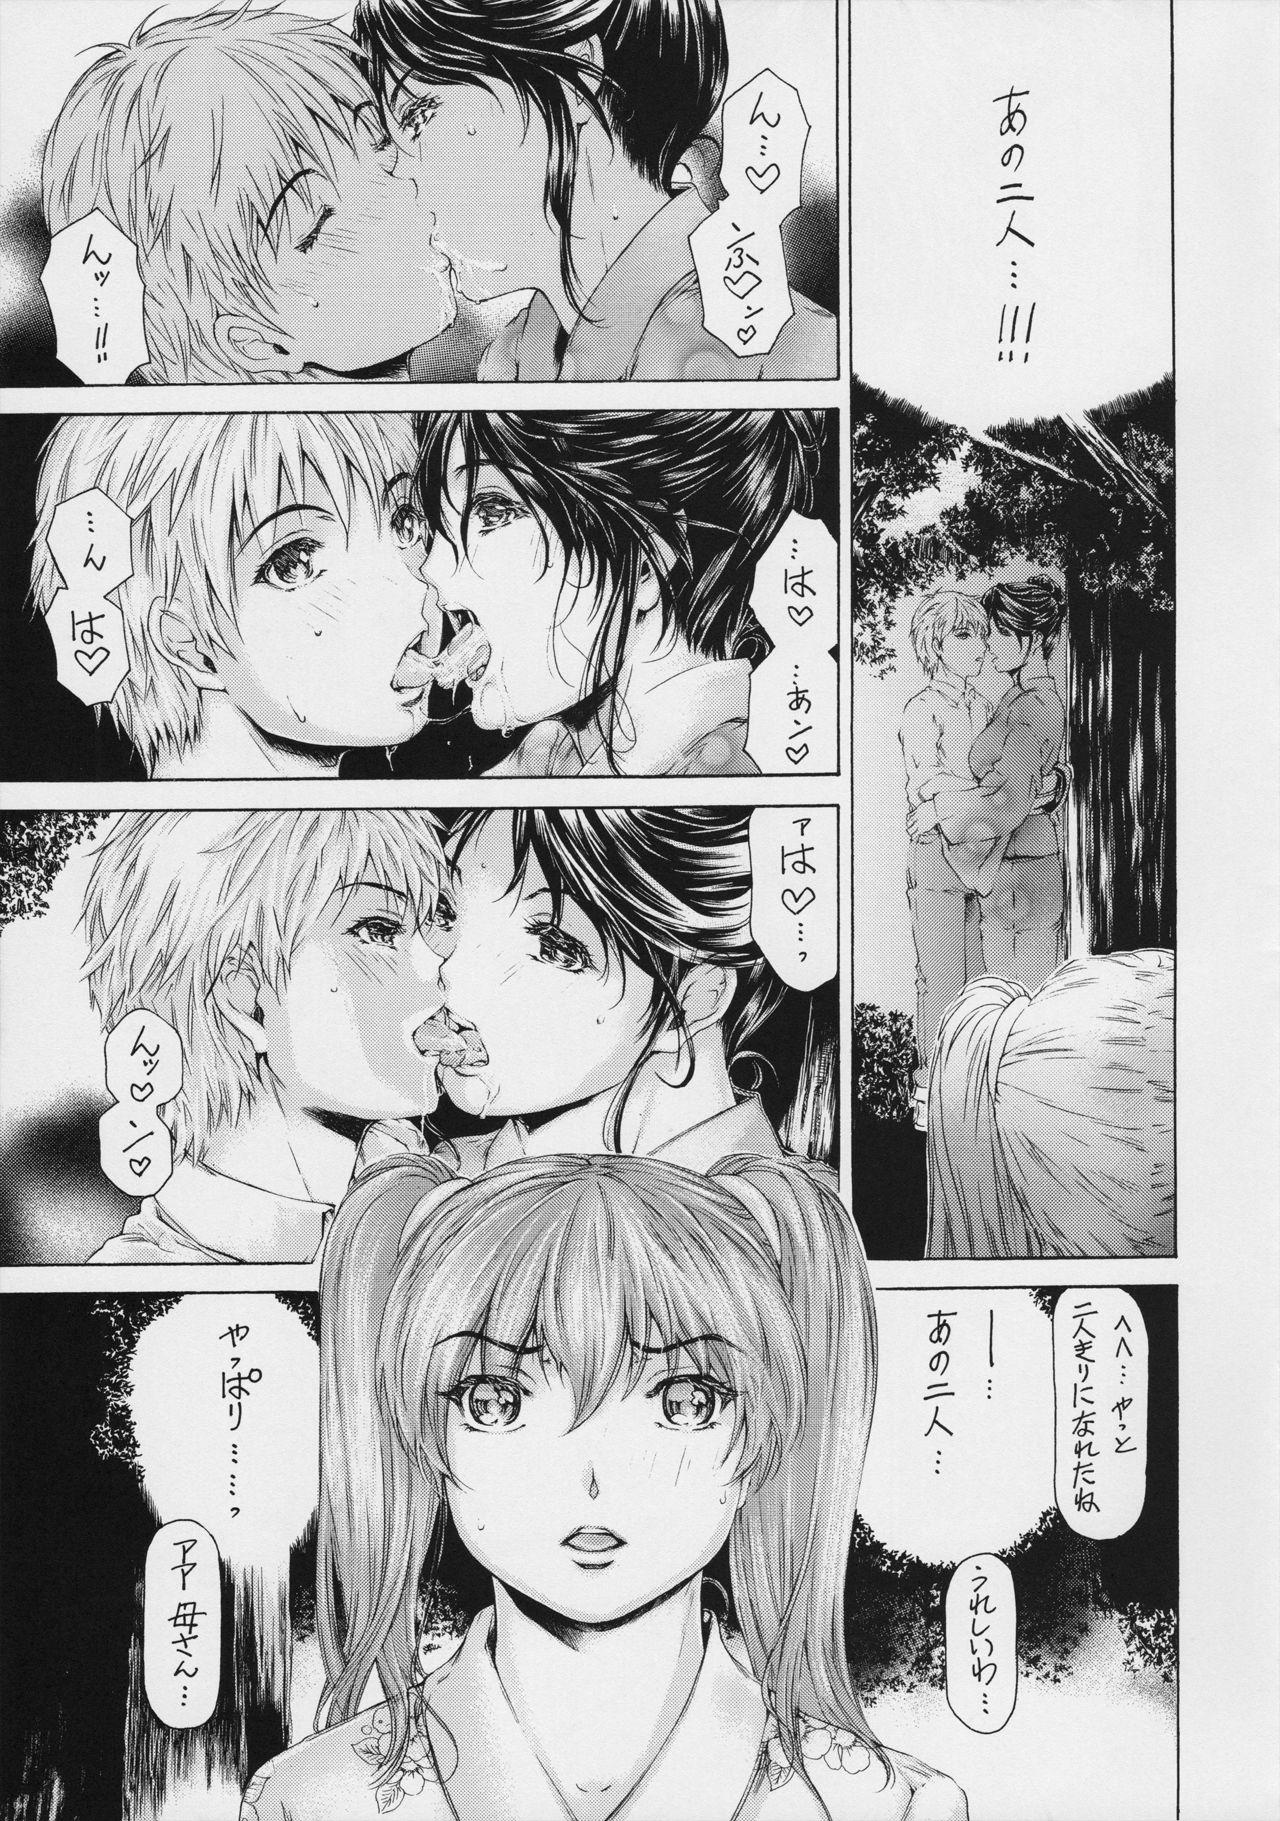 (COMIC1☆11) [Subesube 1kg (Narita Kyousha)] 9-Ji Kara 5-ji Made no Koibito Dai 9 wa - Nine to Five Lover 14